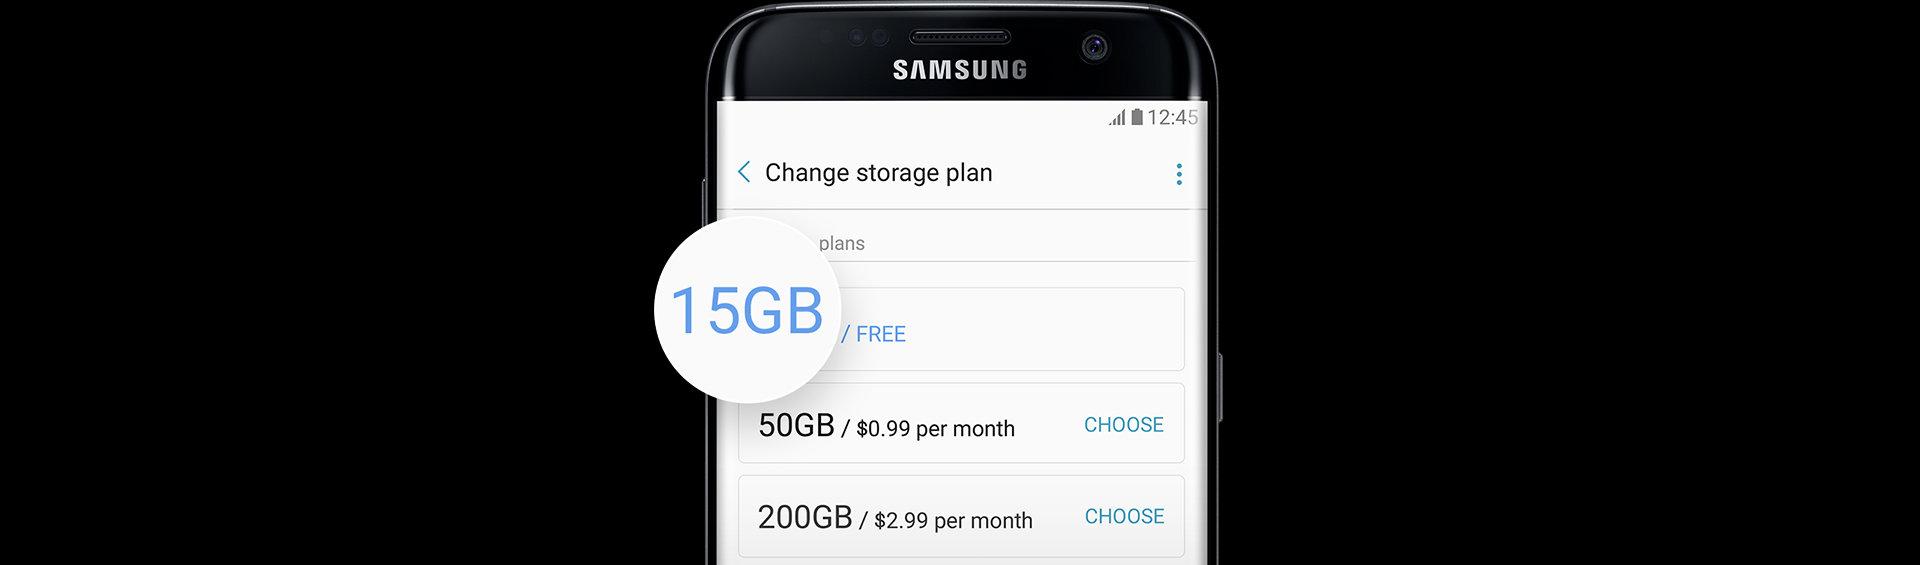 Come spostare le foto su Samsung Cloud 1